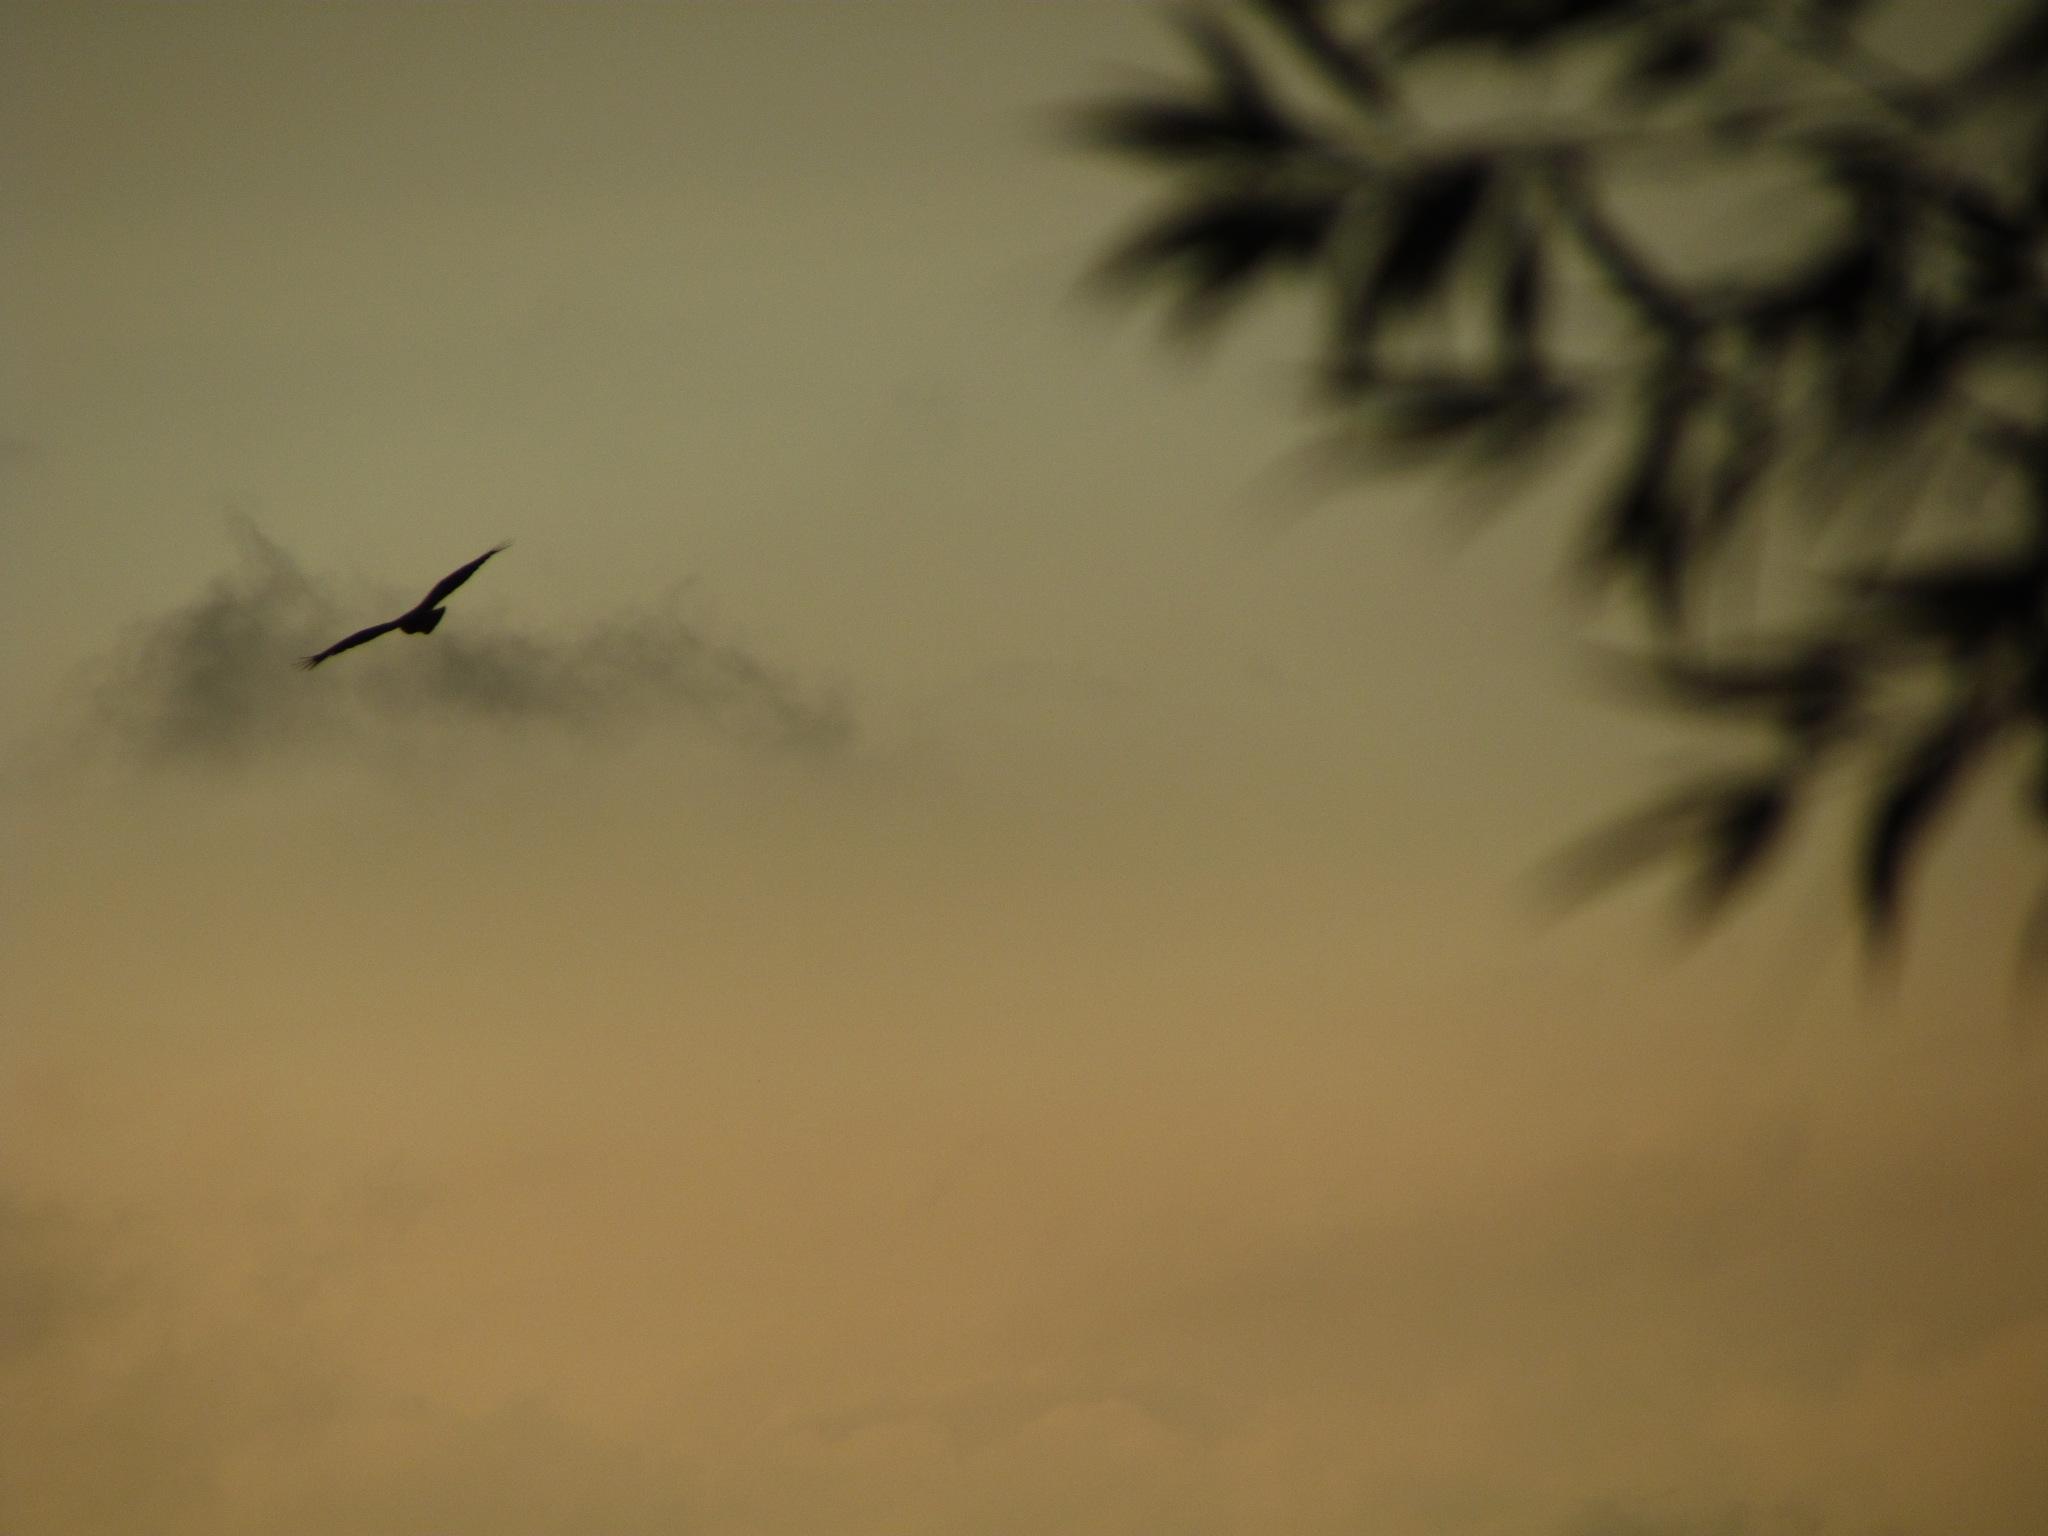 EAGLE by marta.figurzynskaderouiche